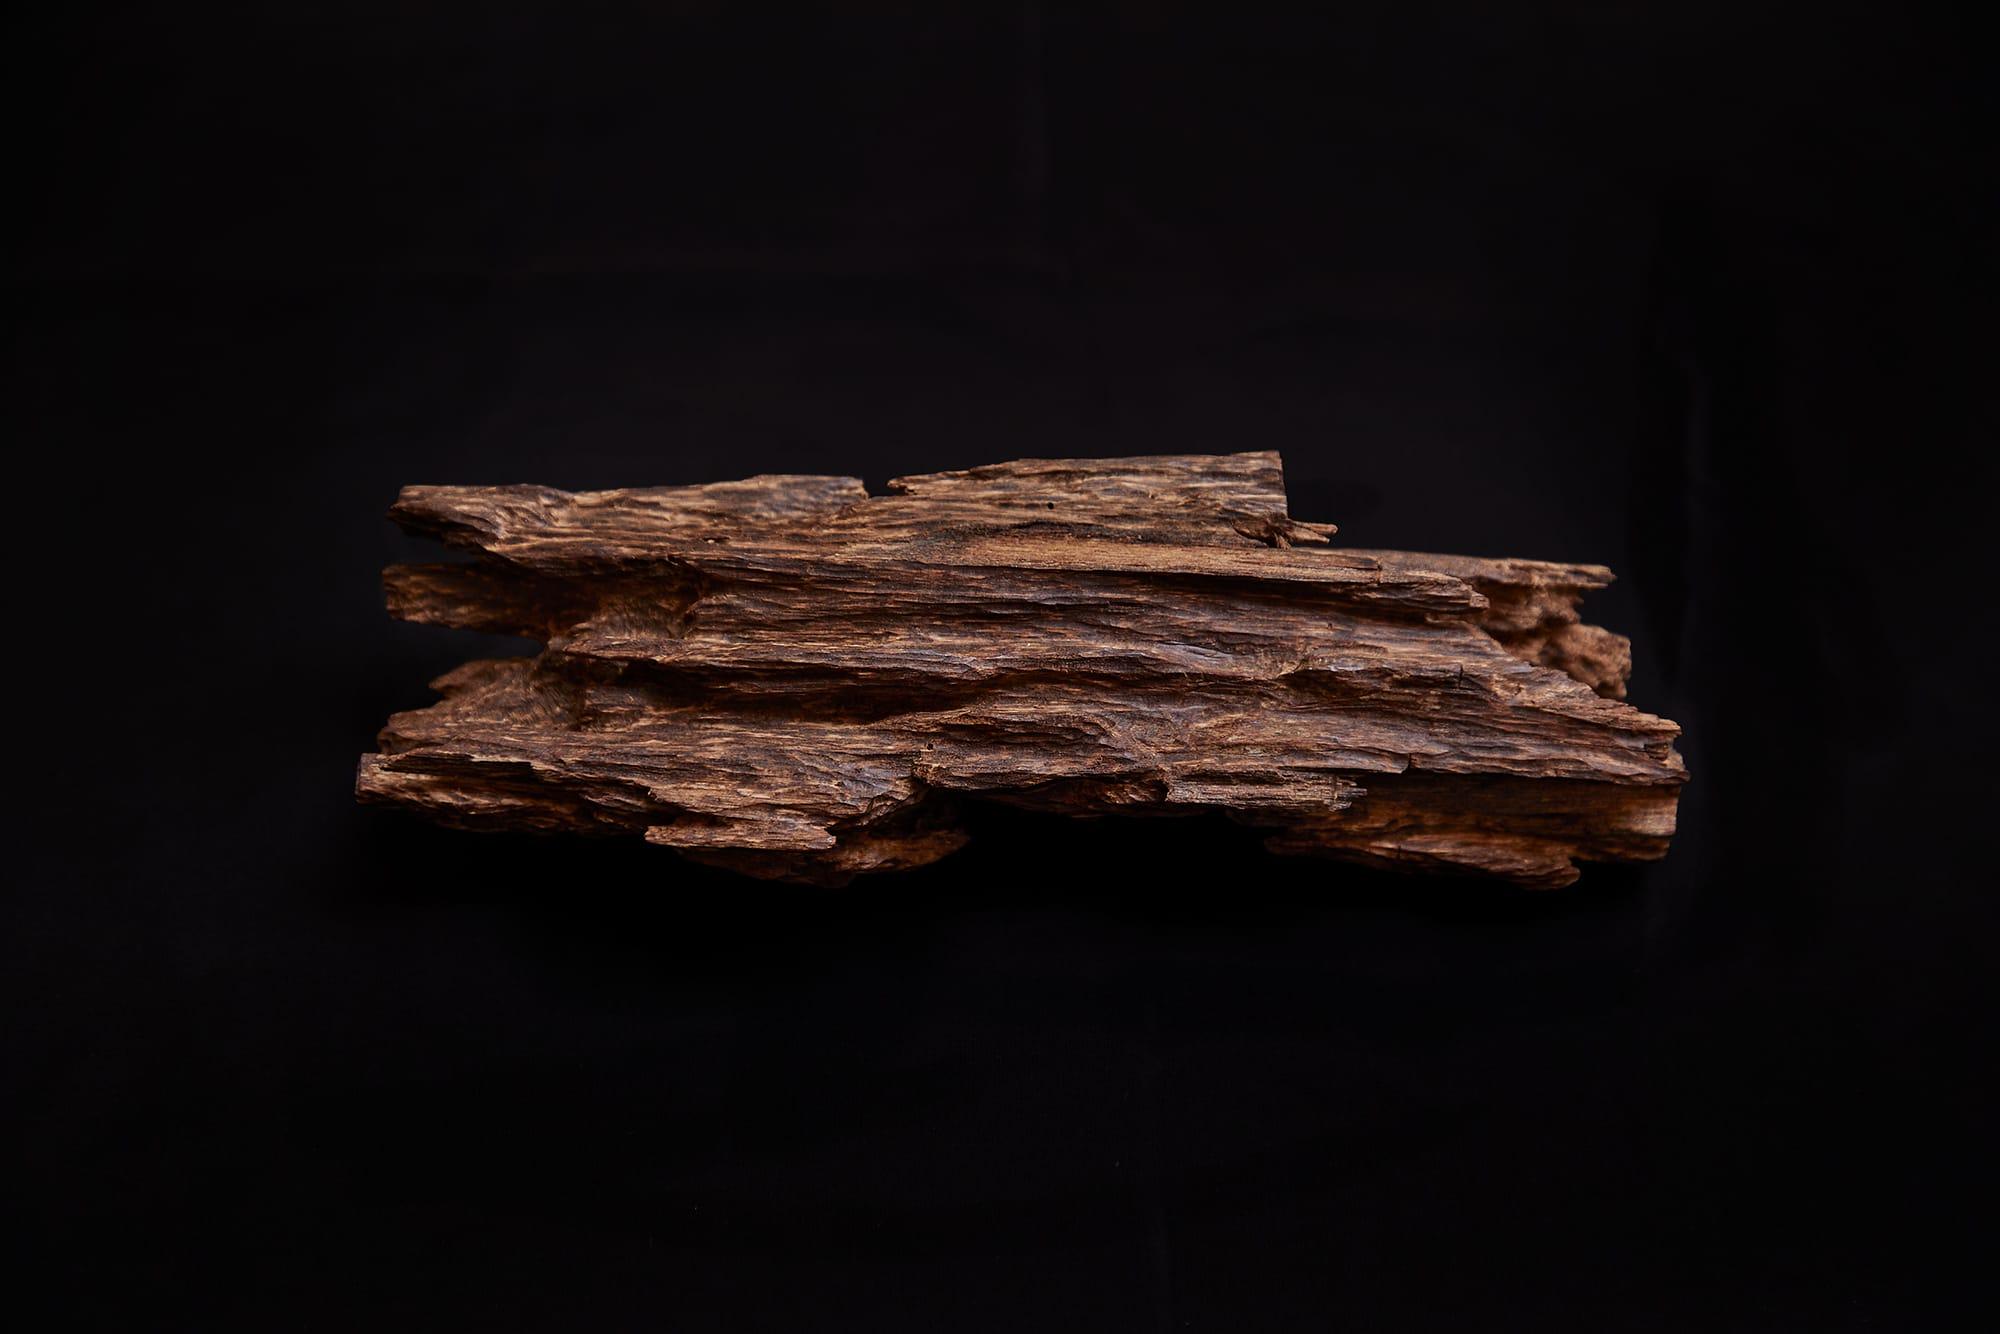 聞香会で「大内」と呼ばれた香木は、長さ20cmあまりの堂々とした姿。箱書きには「家木 都の花」とある。聞香会の趣向によって香名がつけられて、香が回る。